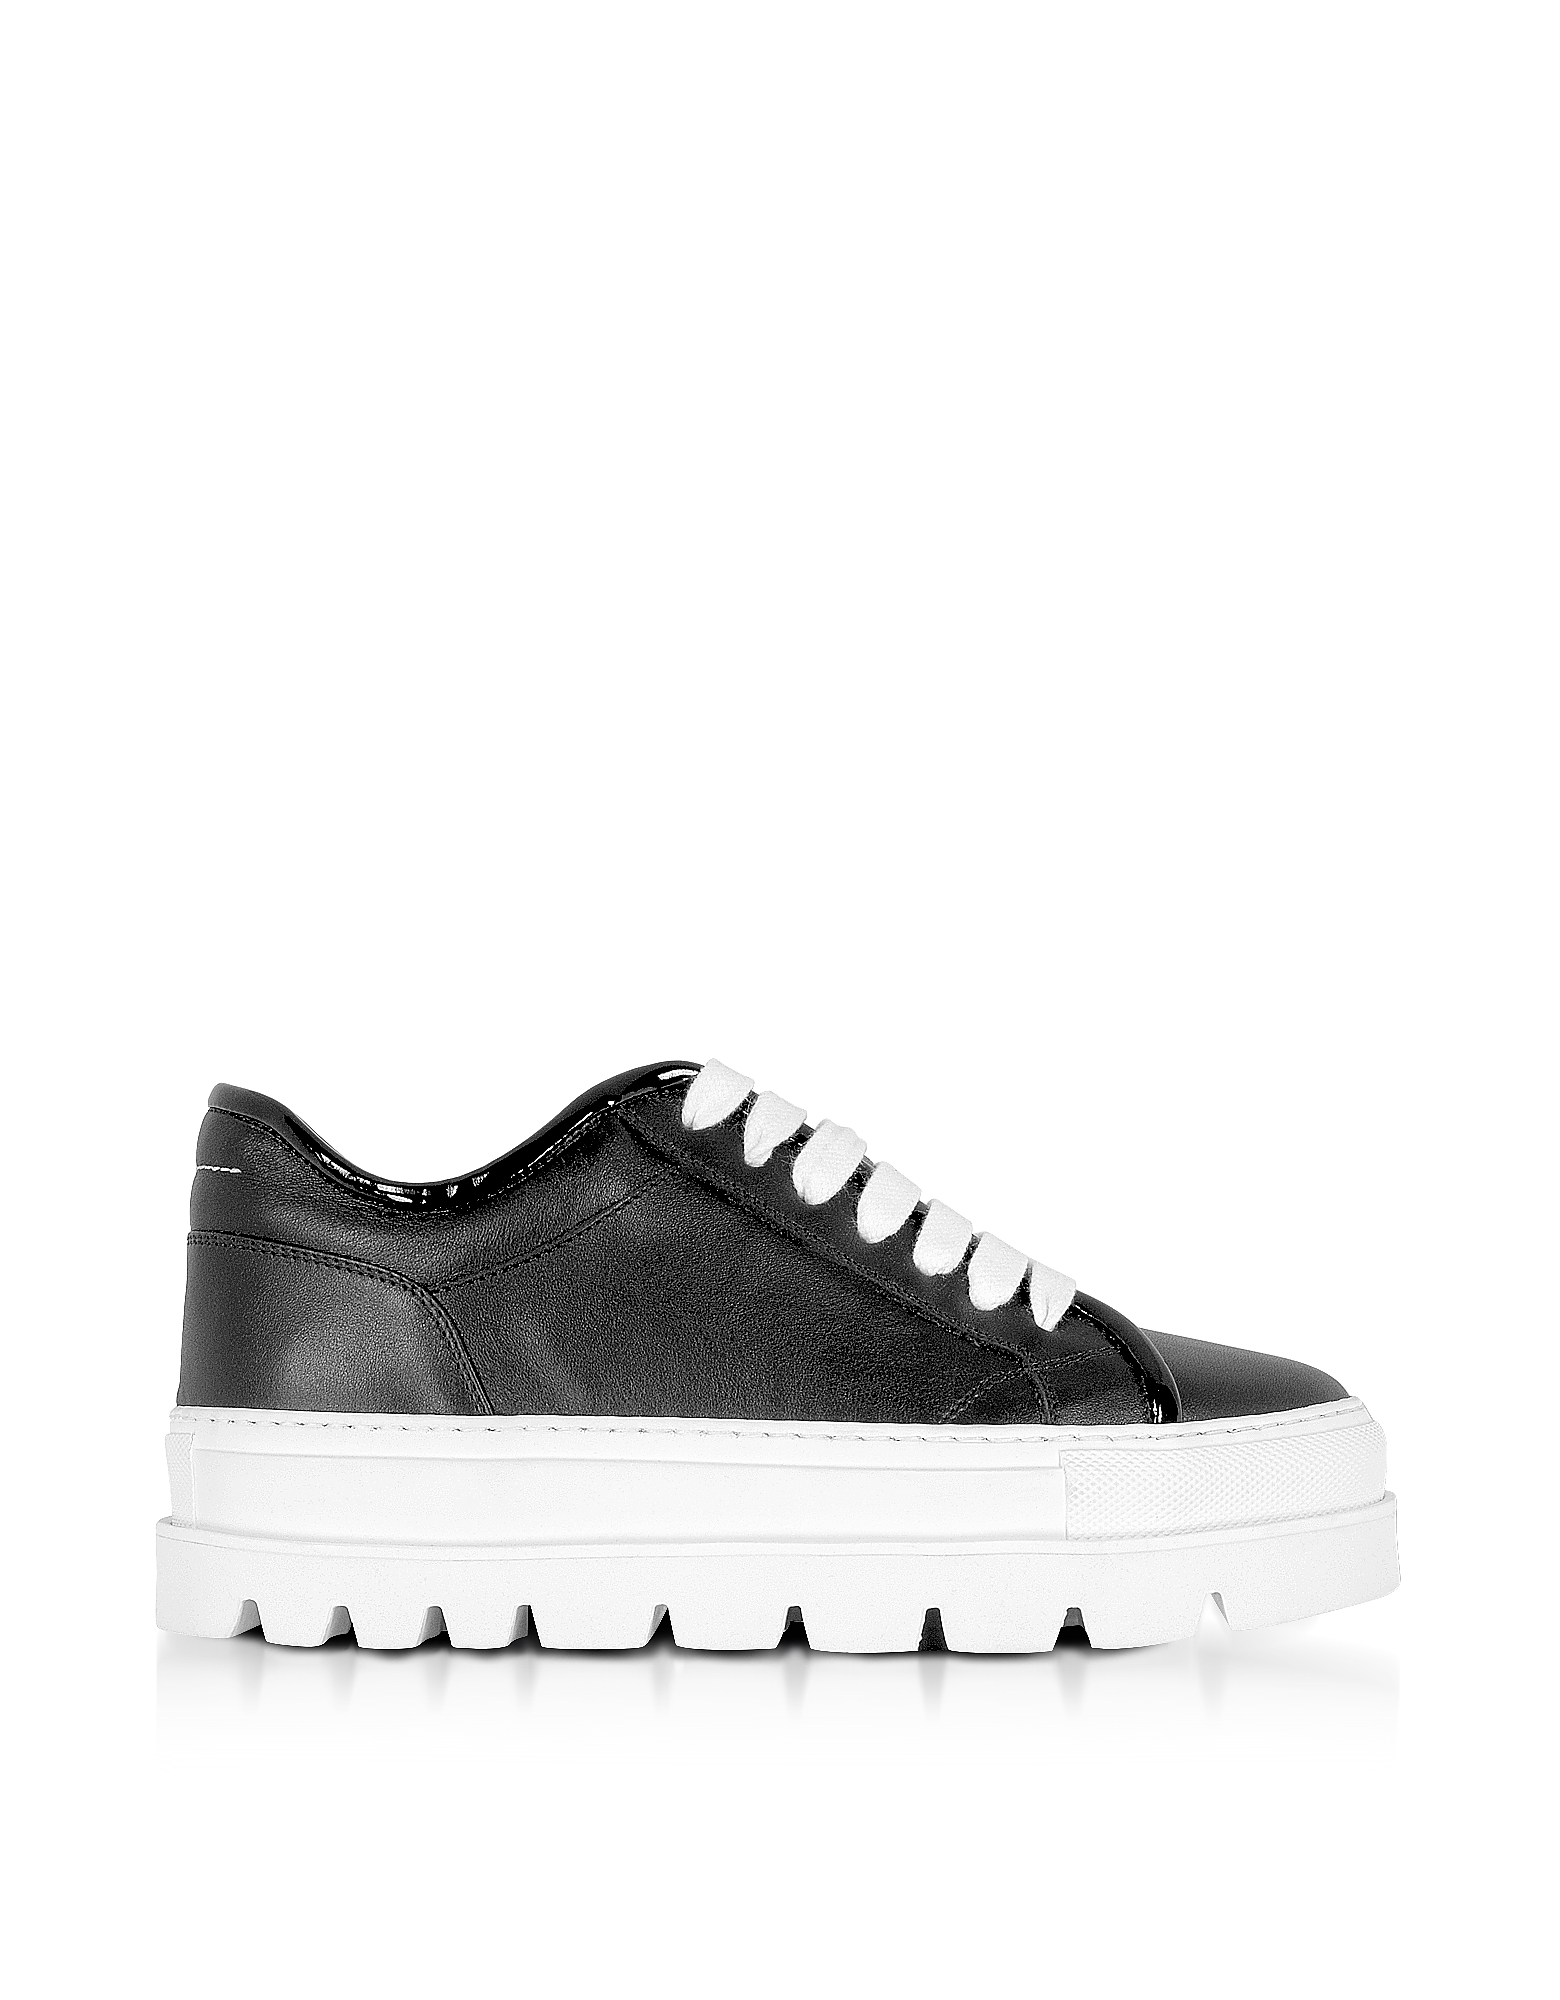 Sneakers Flatform in Pelle Nera